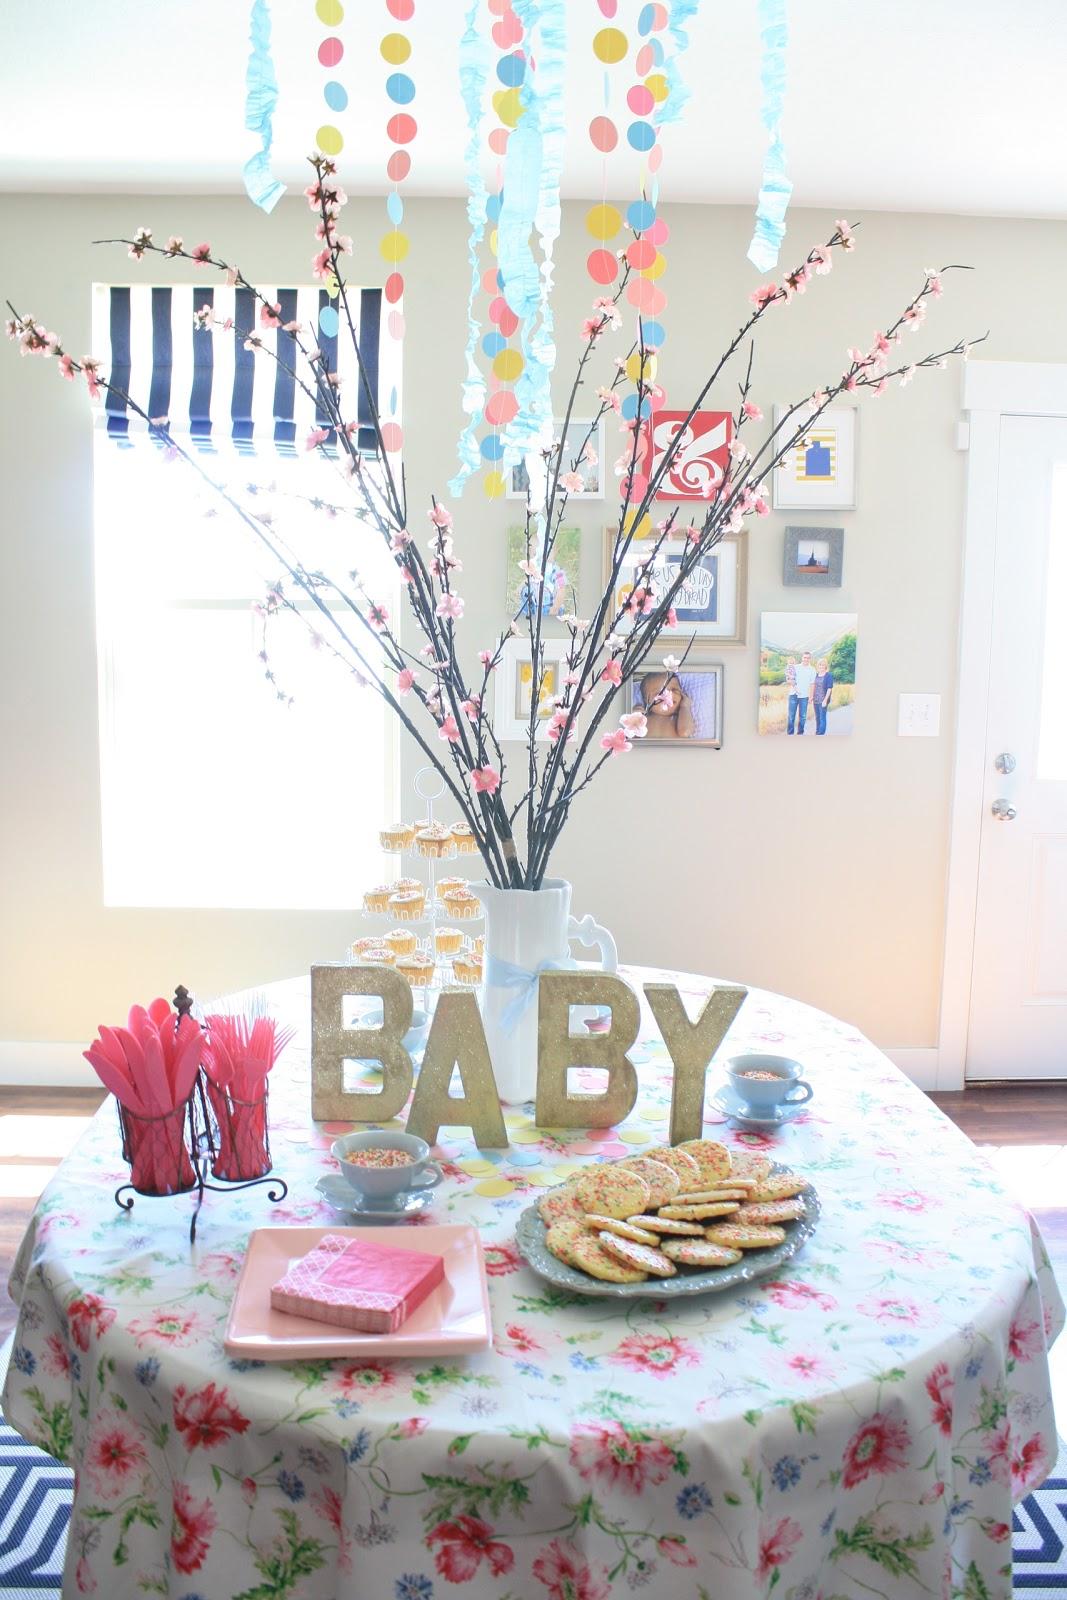 Home Design Ide: Sprinkles Baby Shower